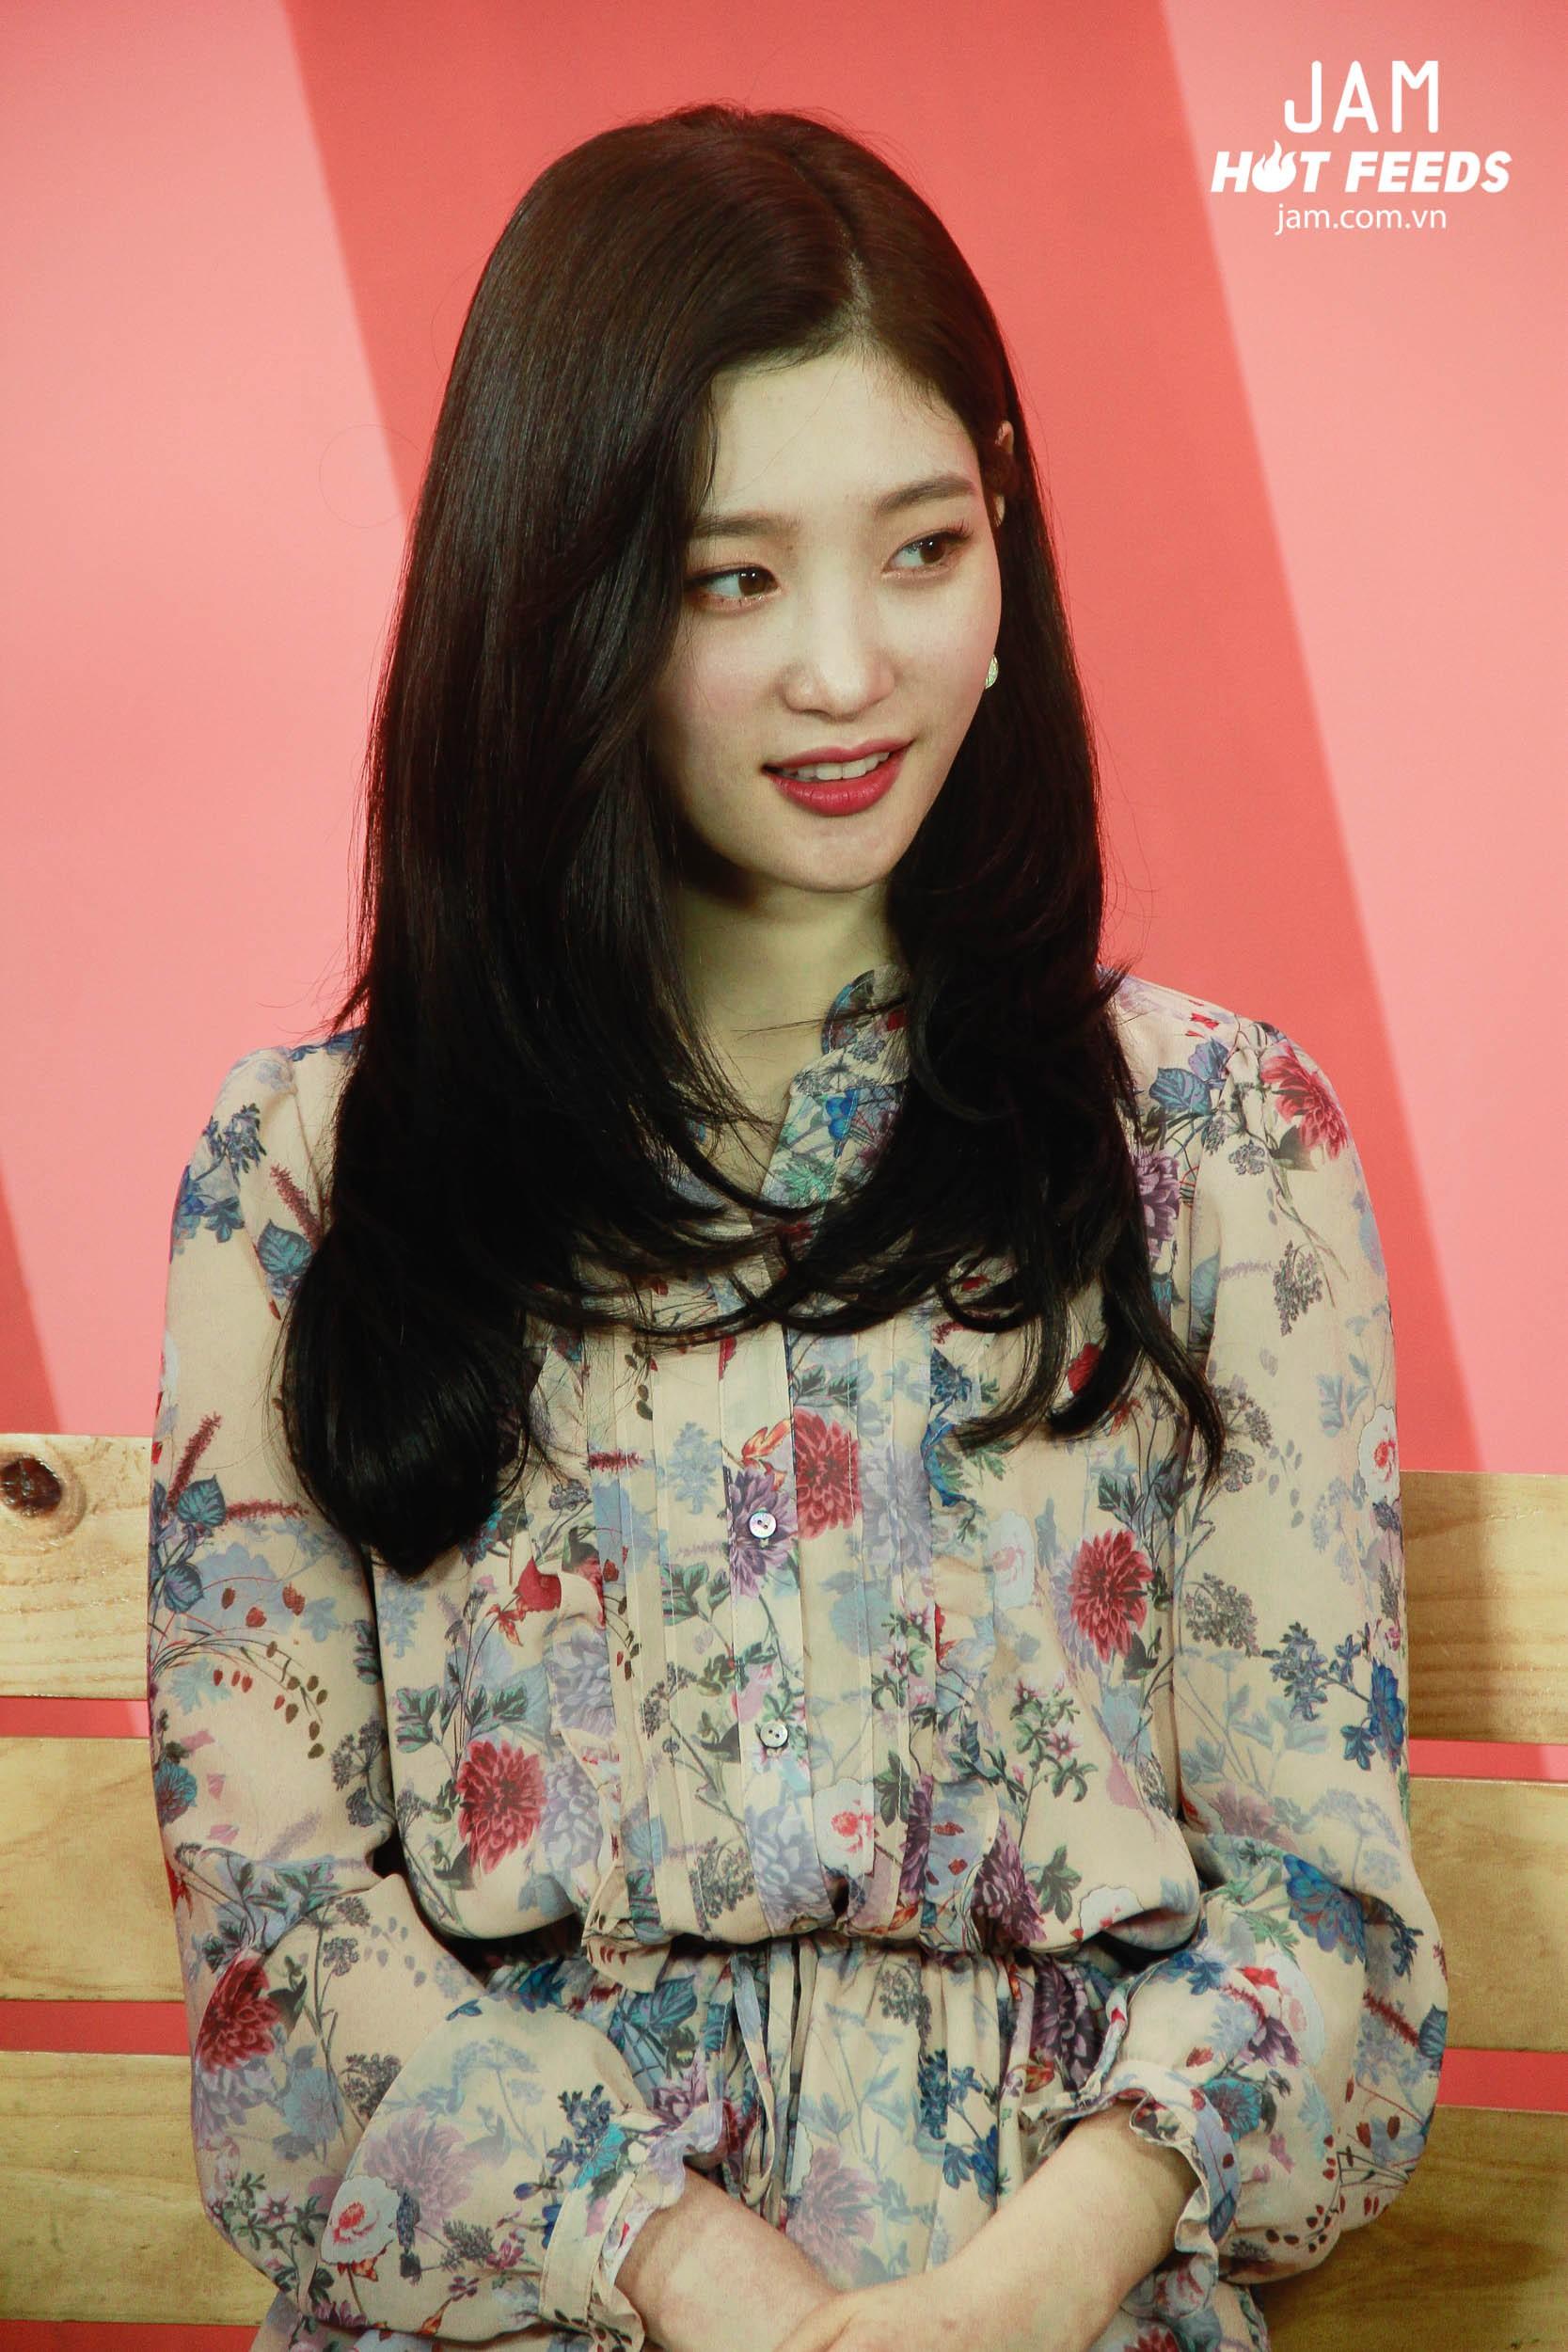 Xứng danh nữ thần thế hệ mới, Chae Yeon đẹp đến xiêu lòng trong bất kỳ khoảnh khắc nào! - Ảnh 2.